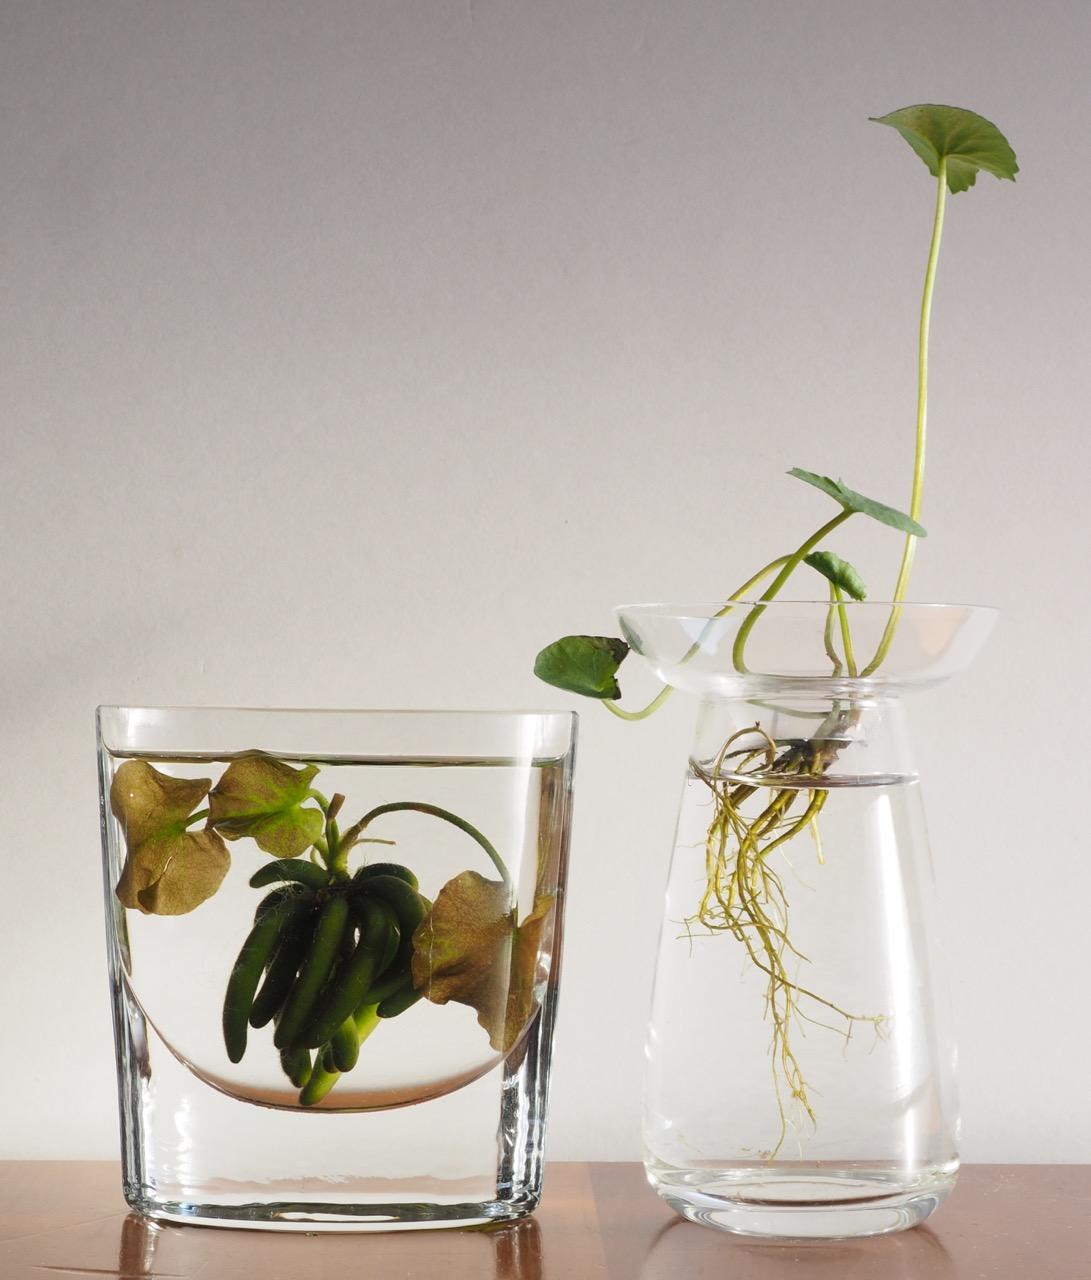 根の姿も楽しめる透明な花瓶